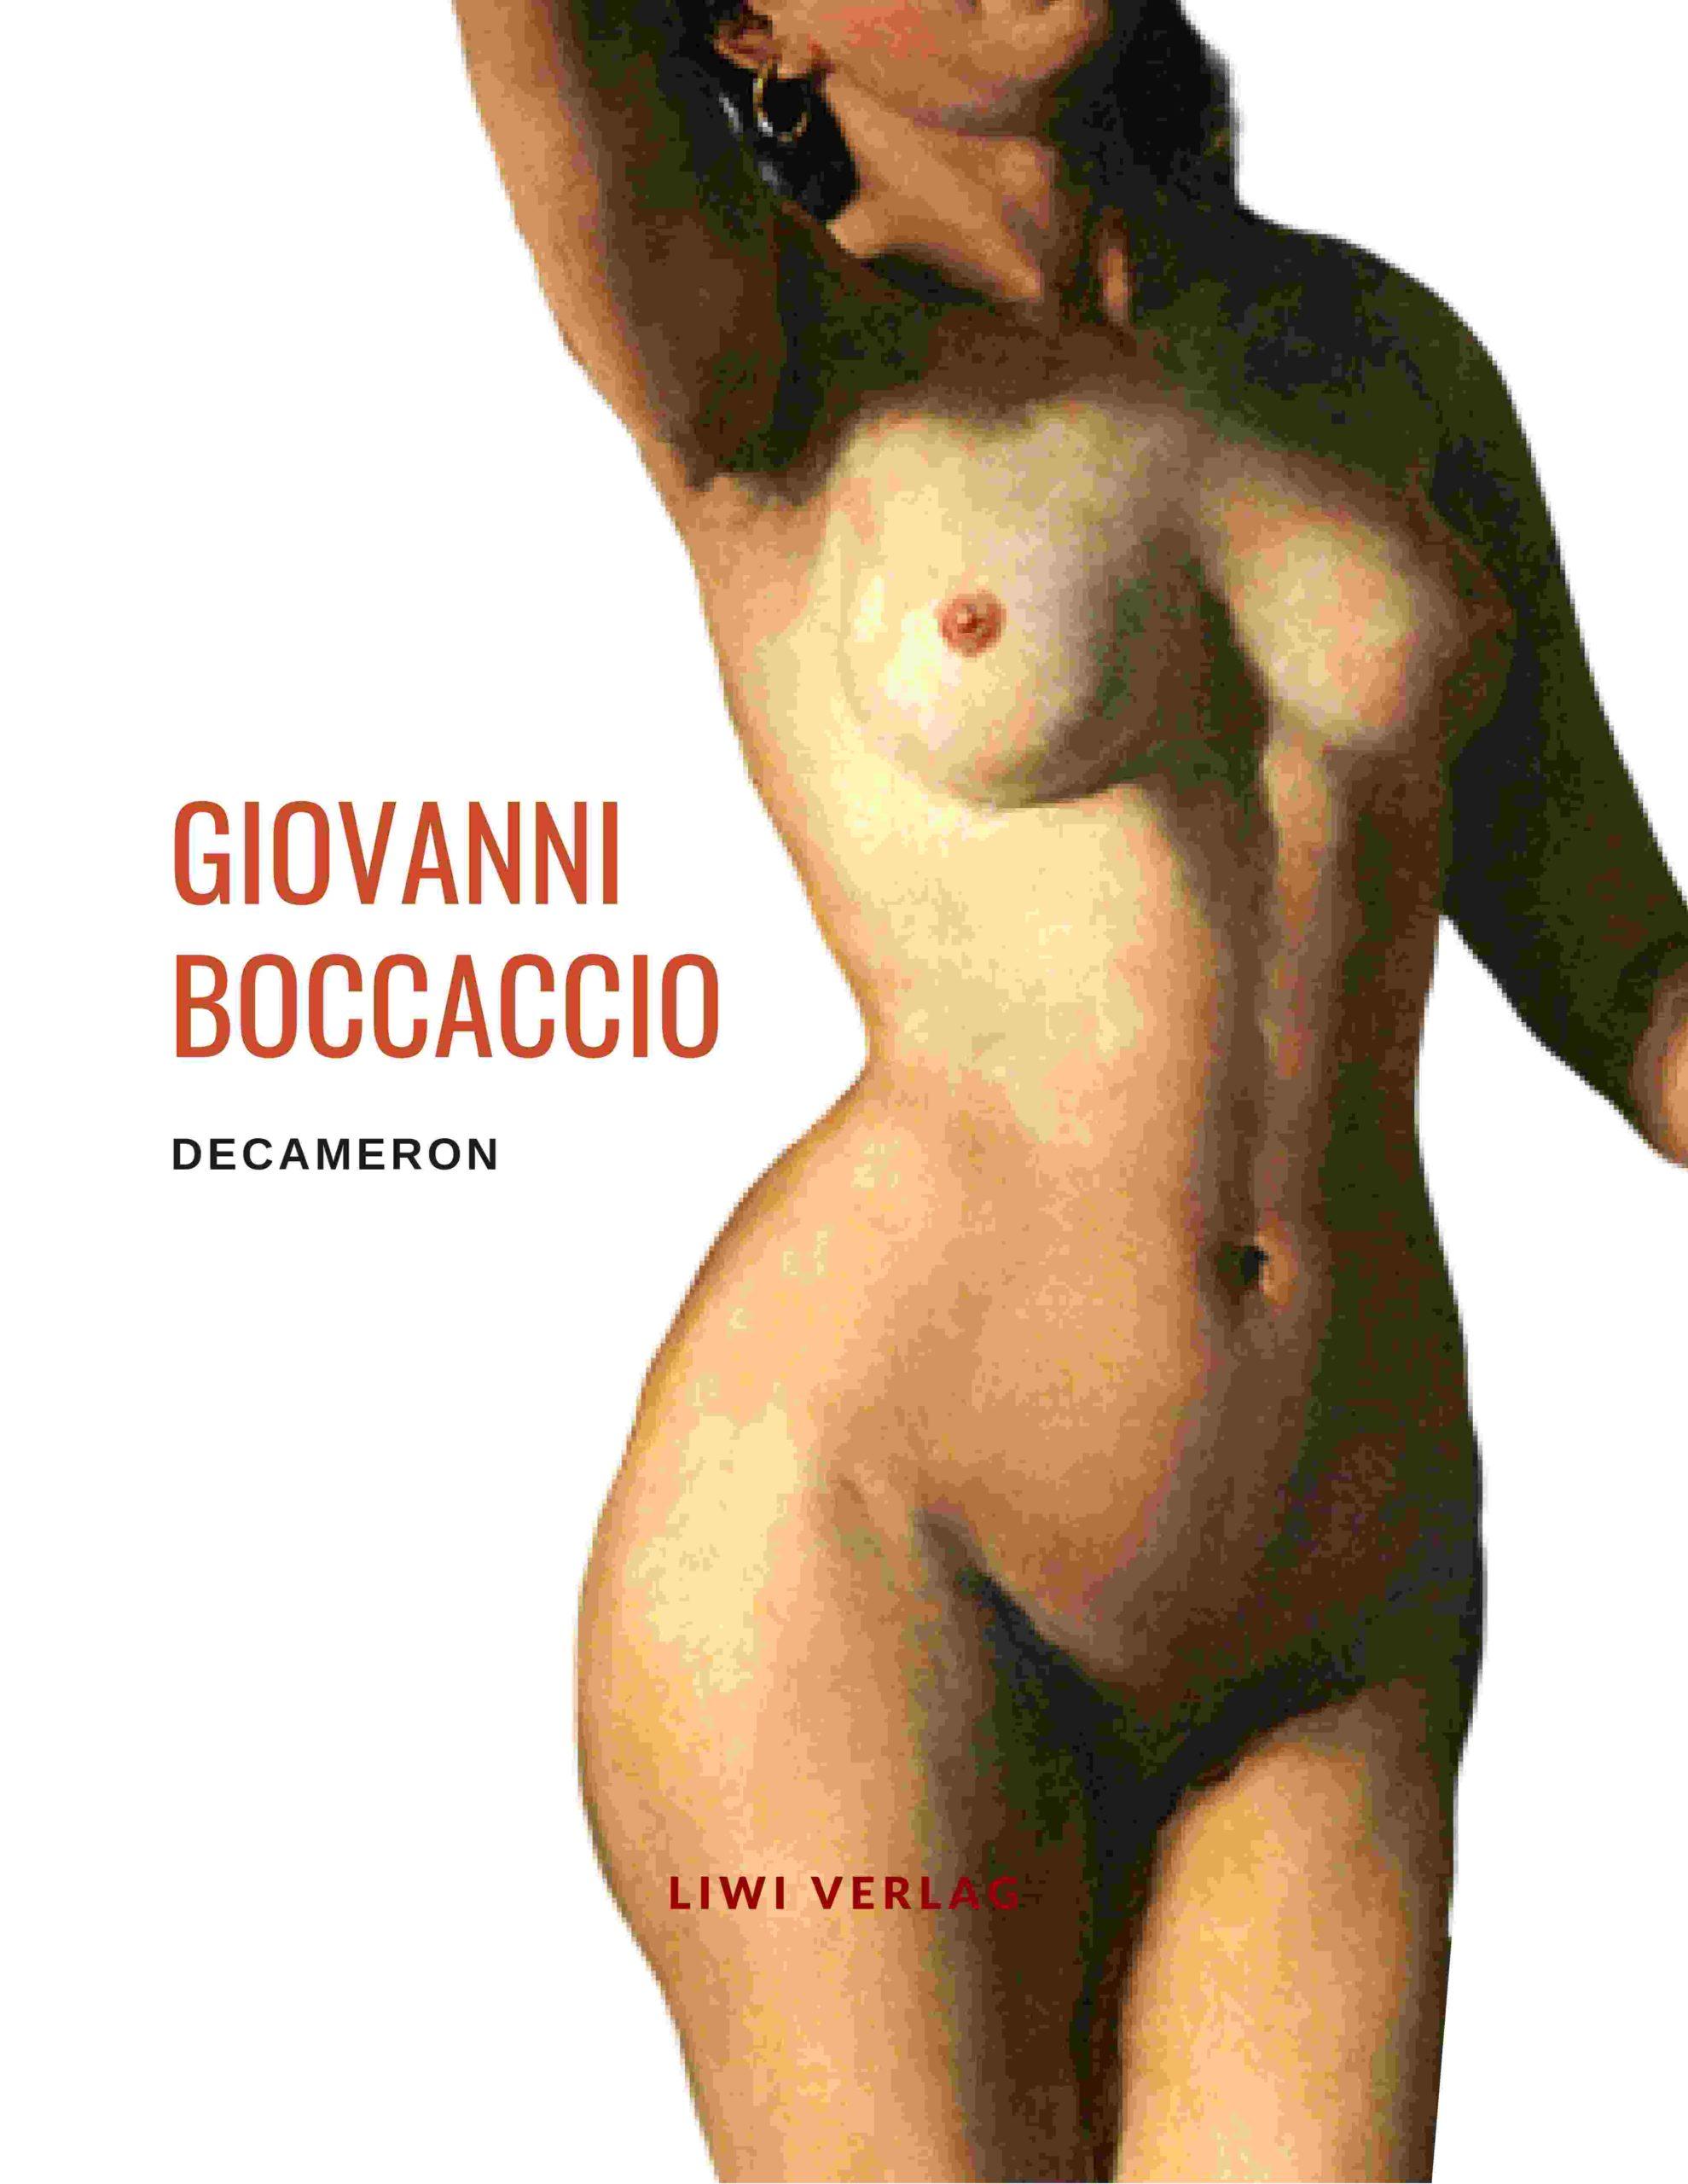 Giovanni Boccaccio Decameron Corona Pest